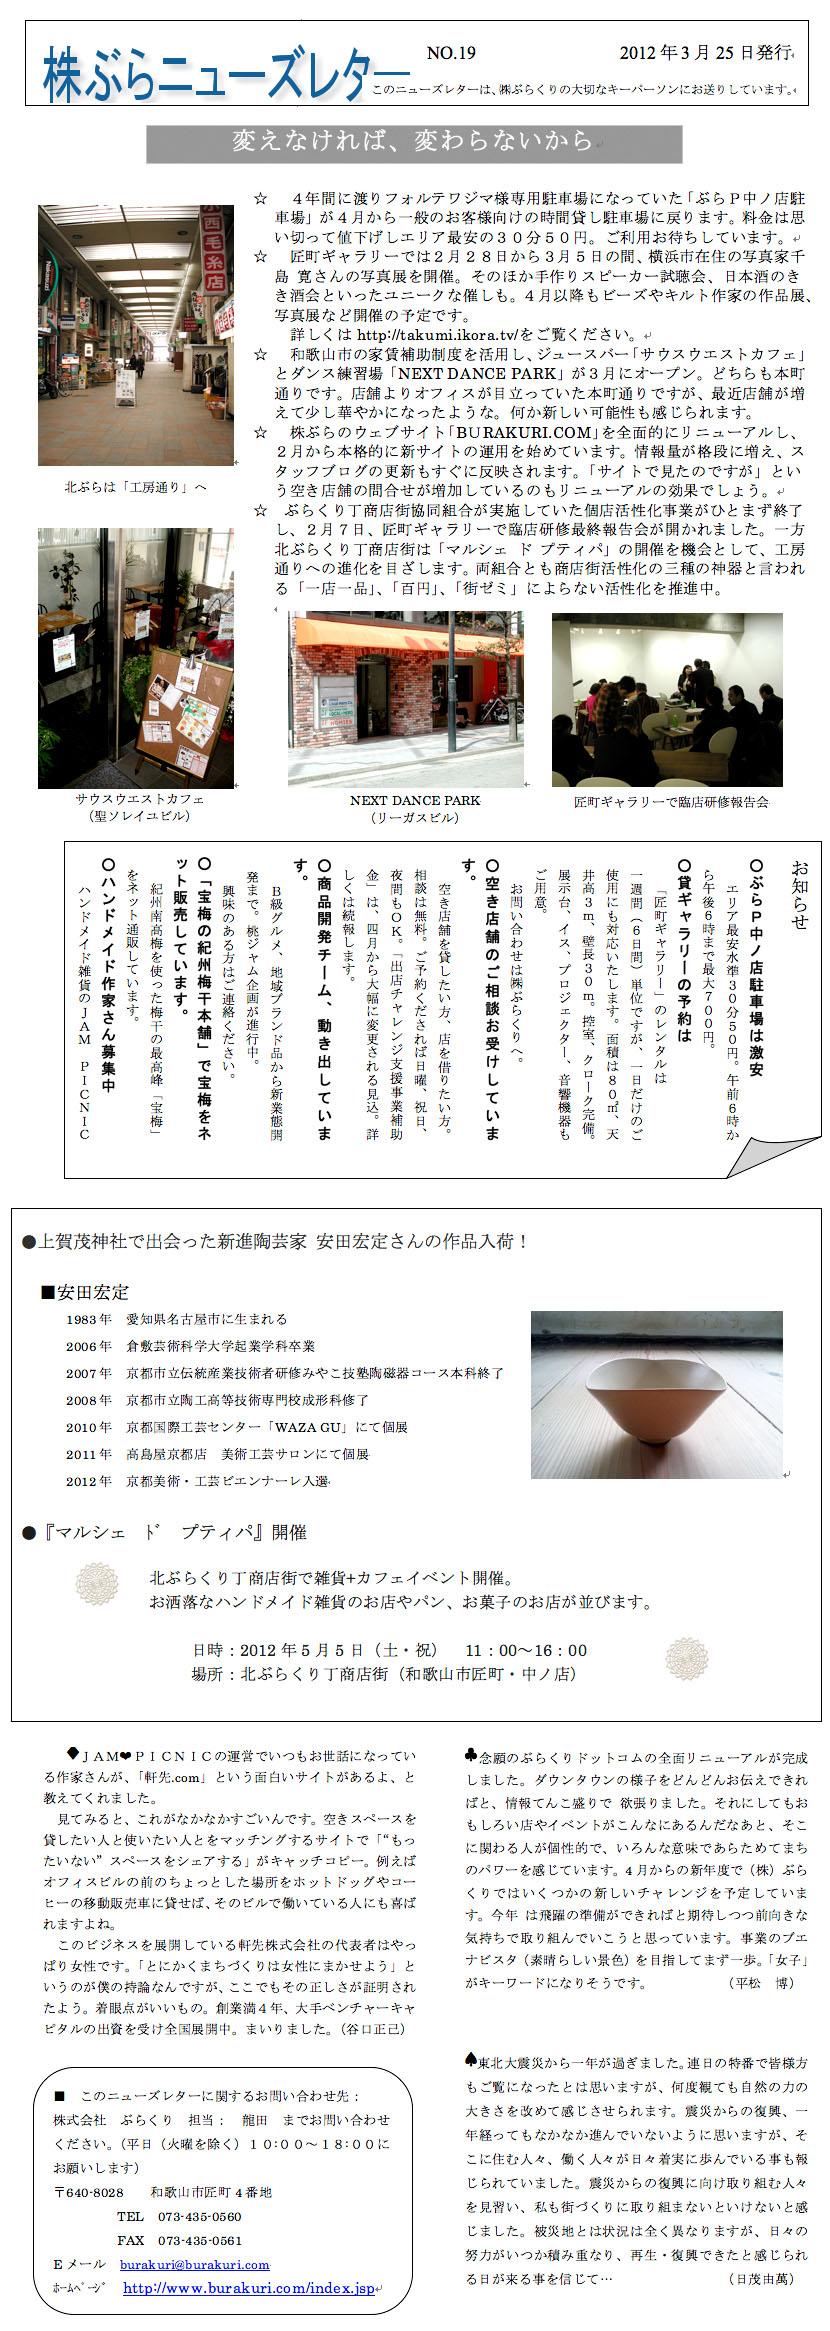 newsletter2012.jpg